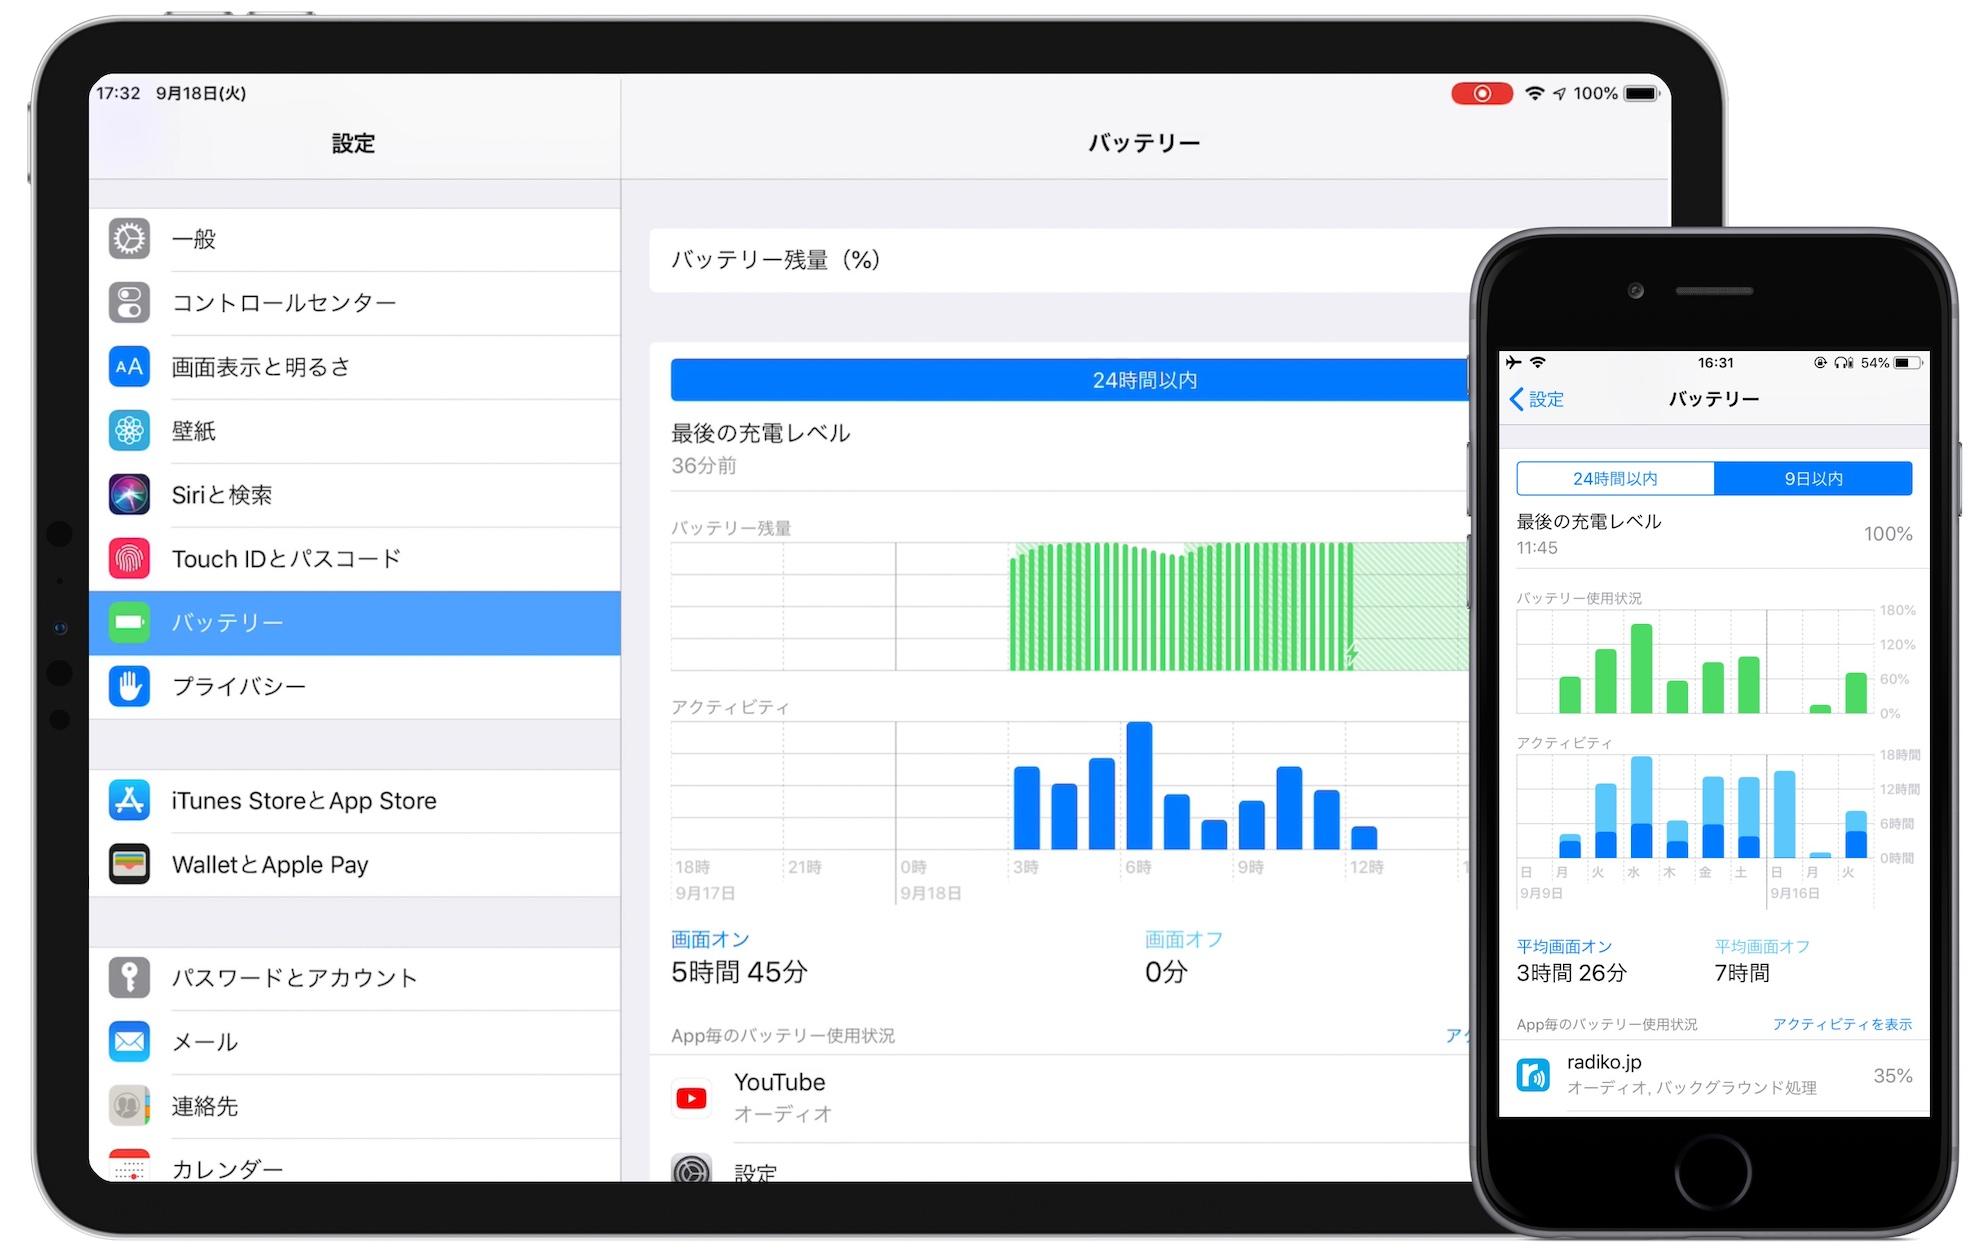 iOS 12の新しいバッテリー管理機能